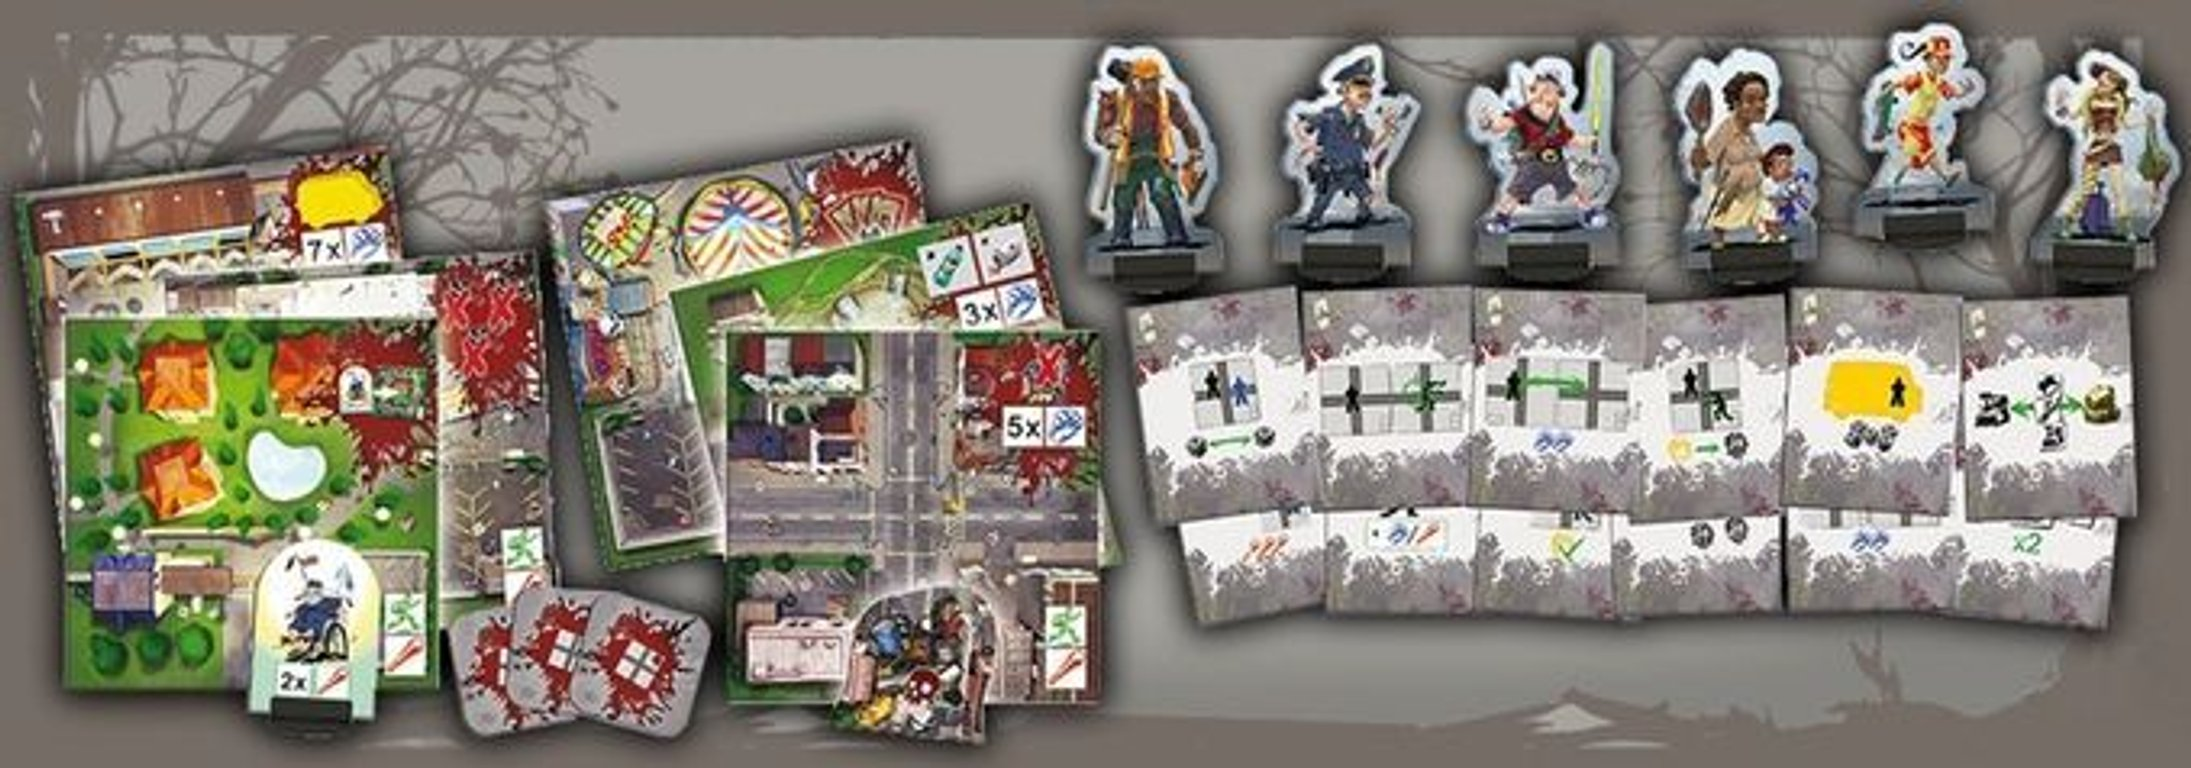 Escape: Zombie City - The Survivor Chronicles components